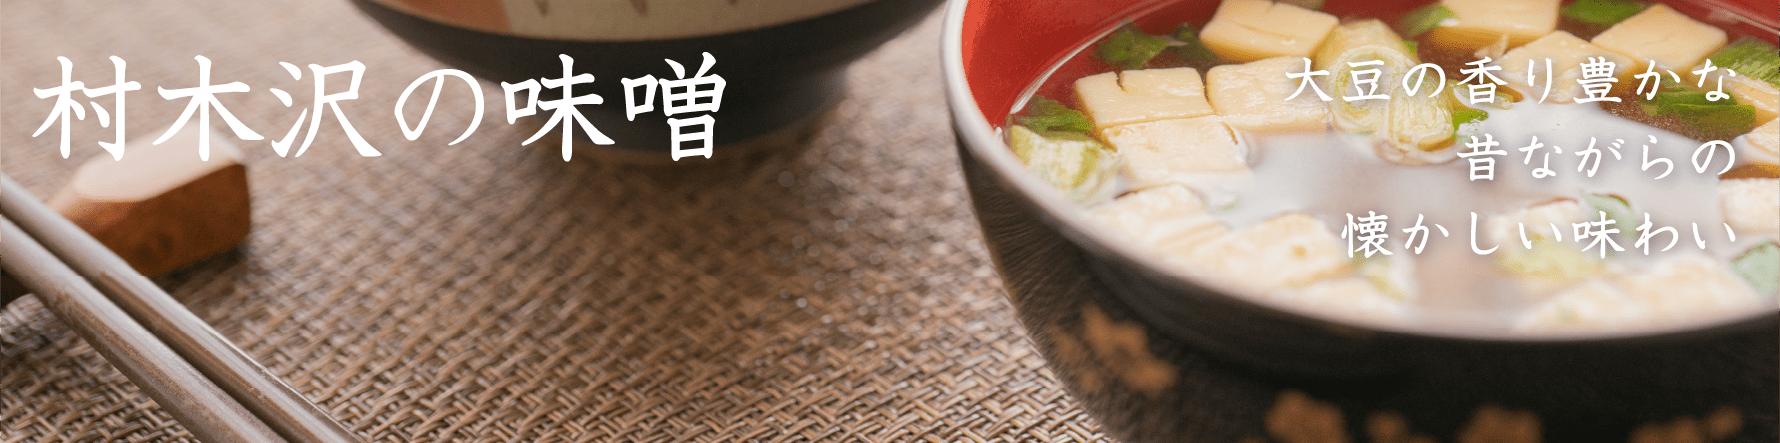 村木沢の味噌